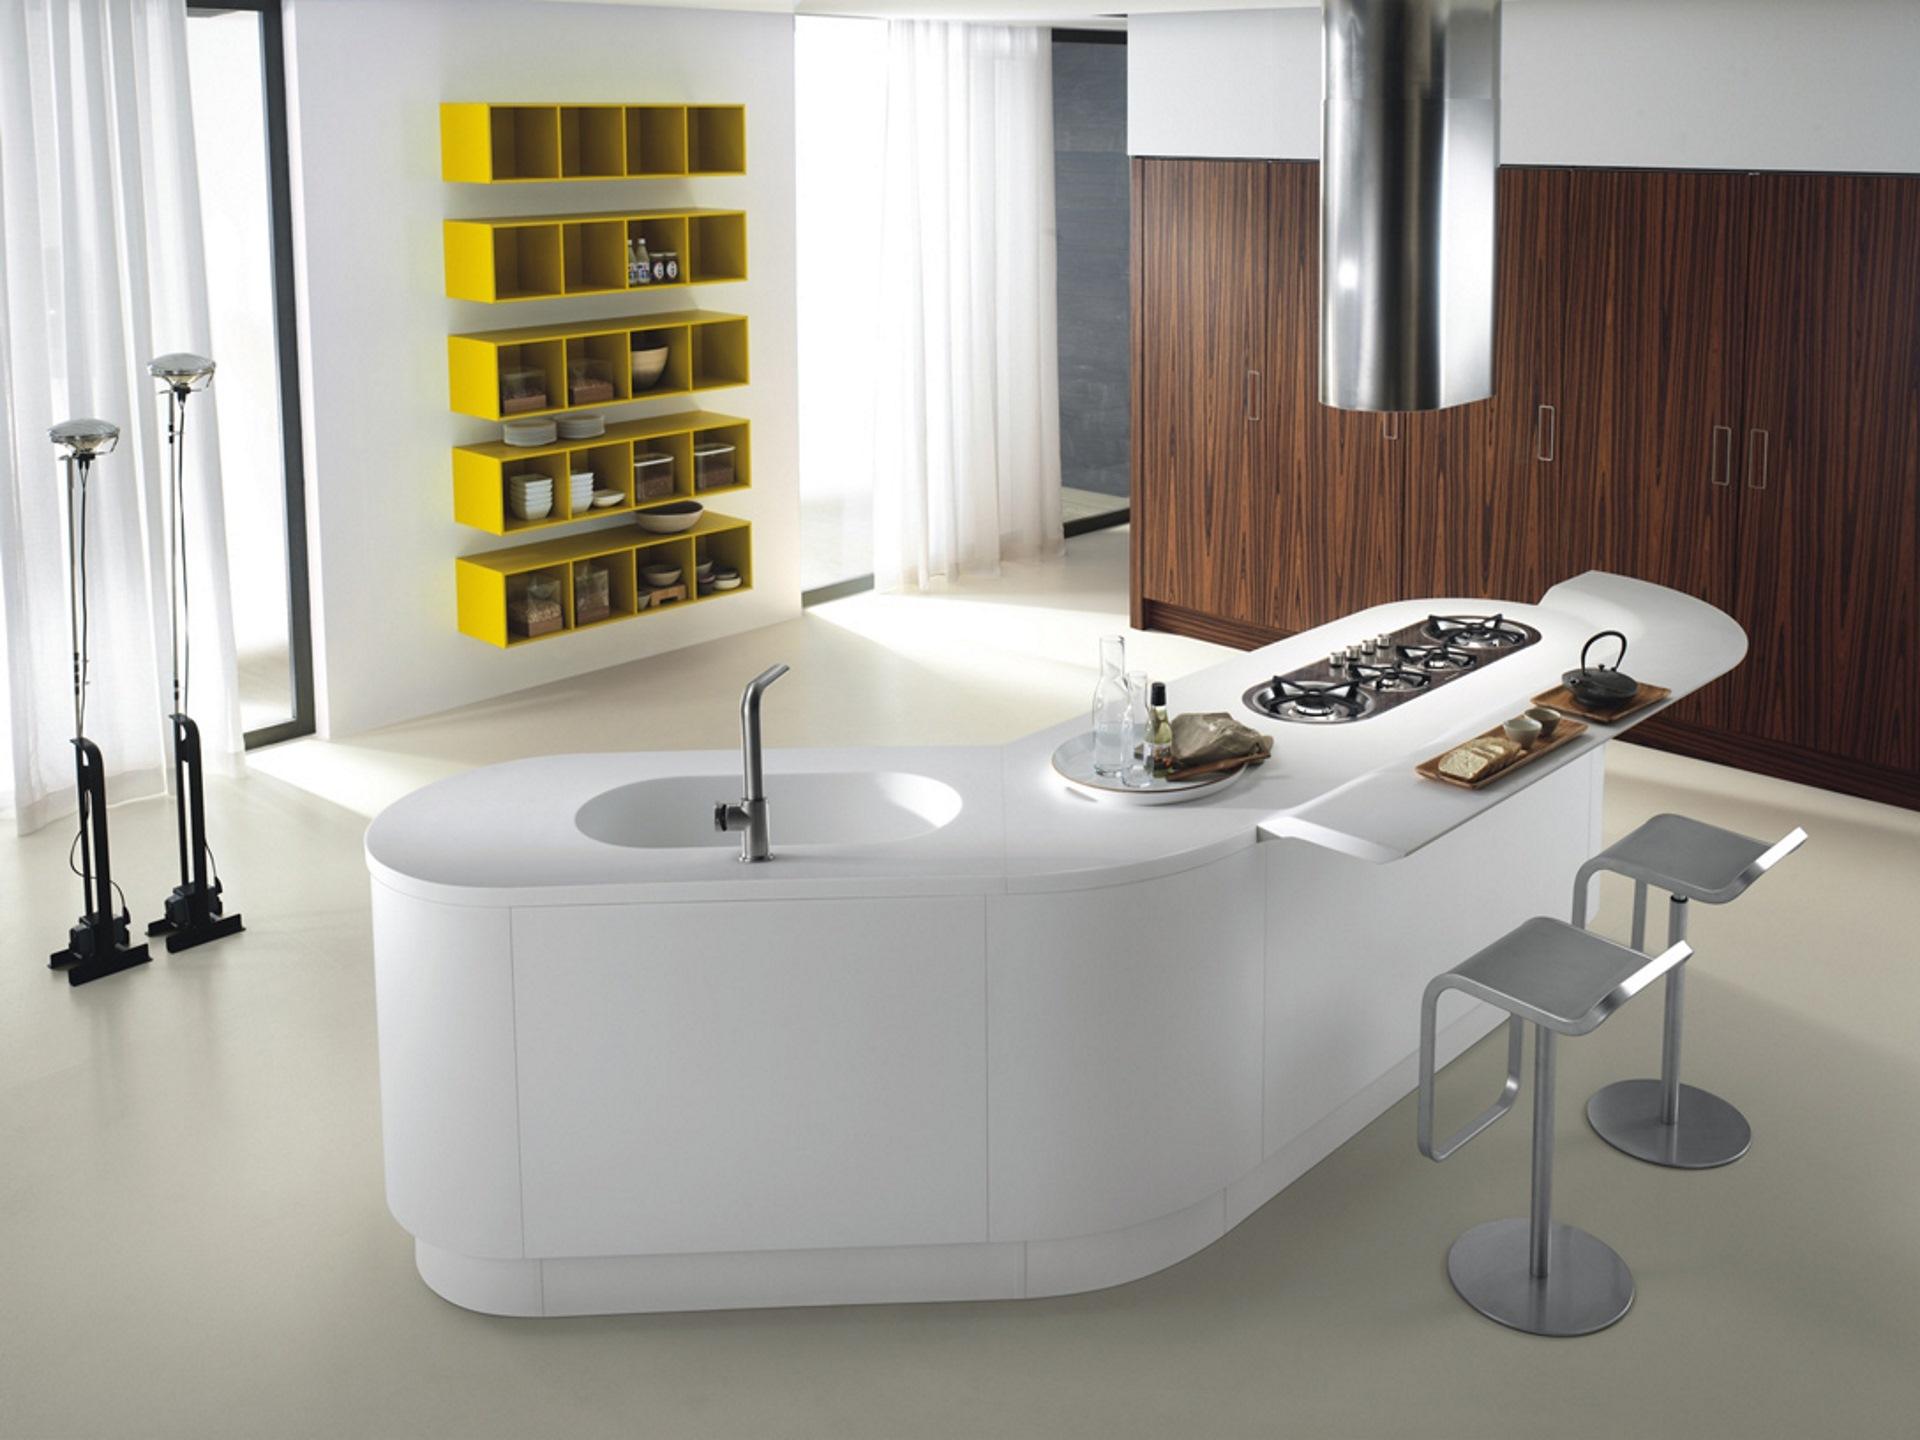 cucina-maxima-04